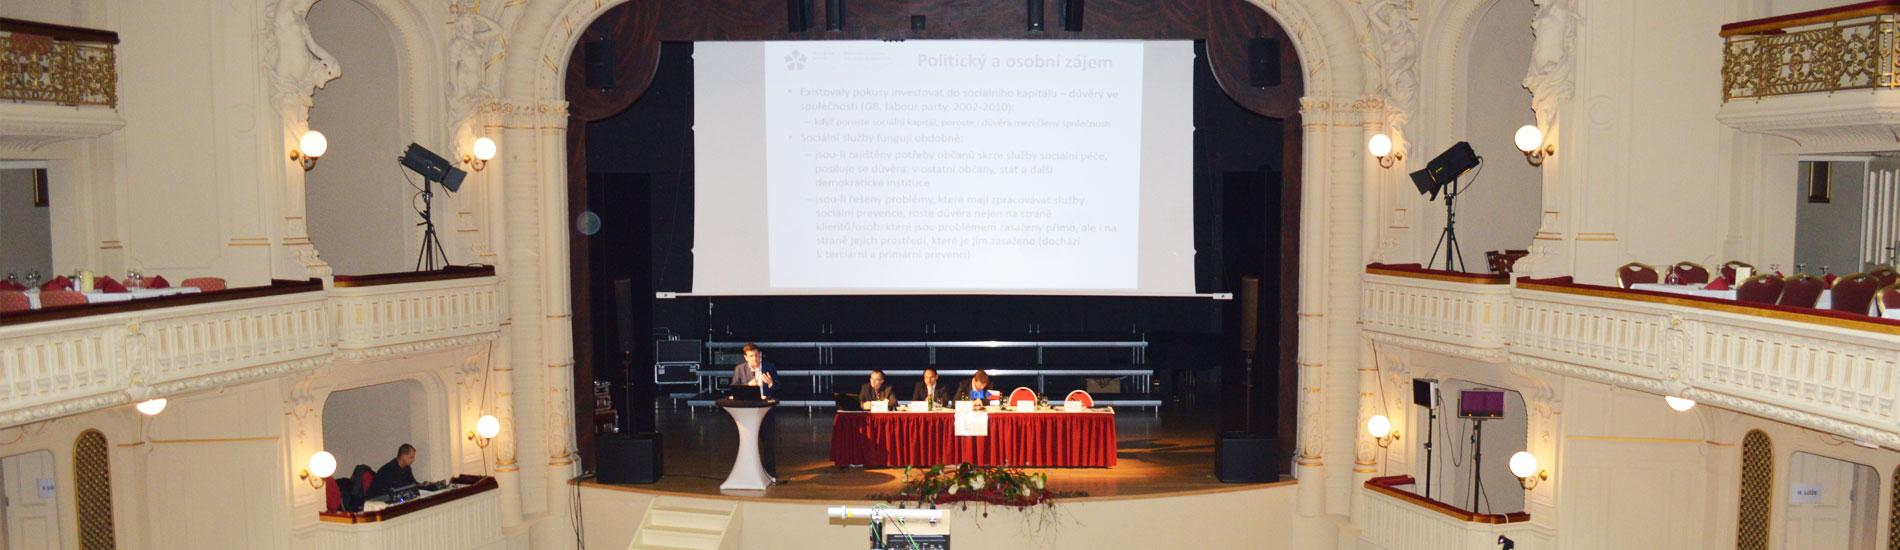 Konference a firemní akce